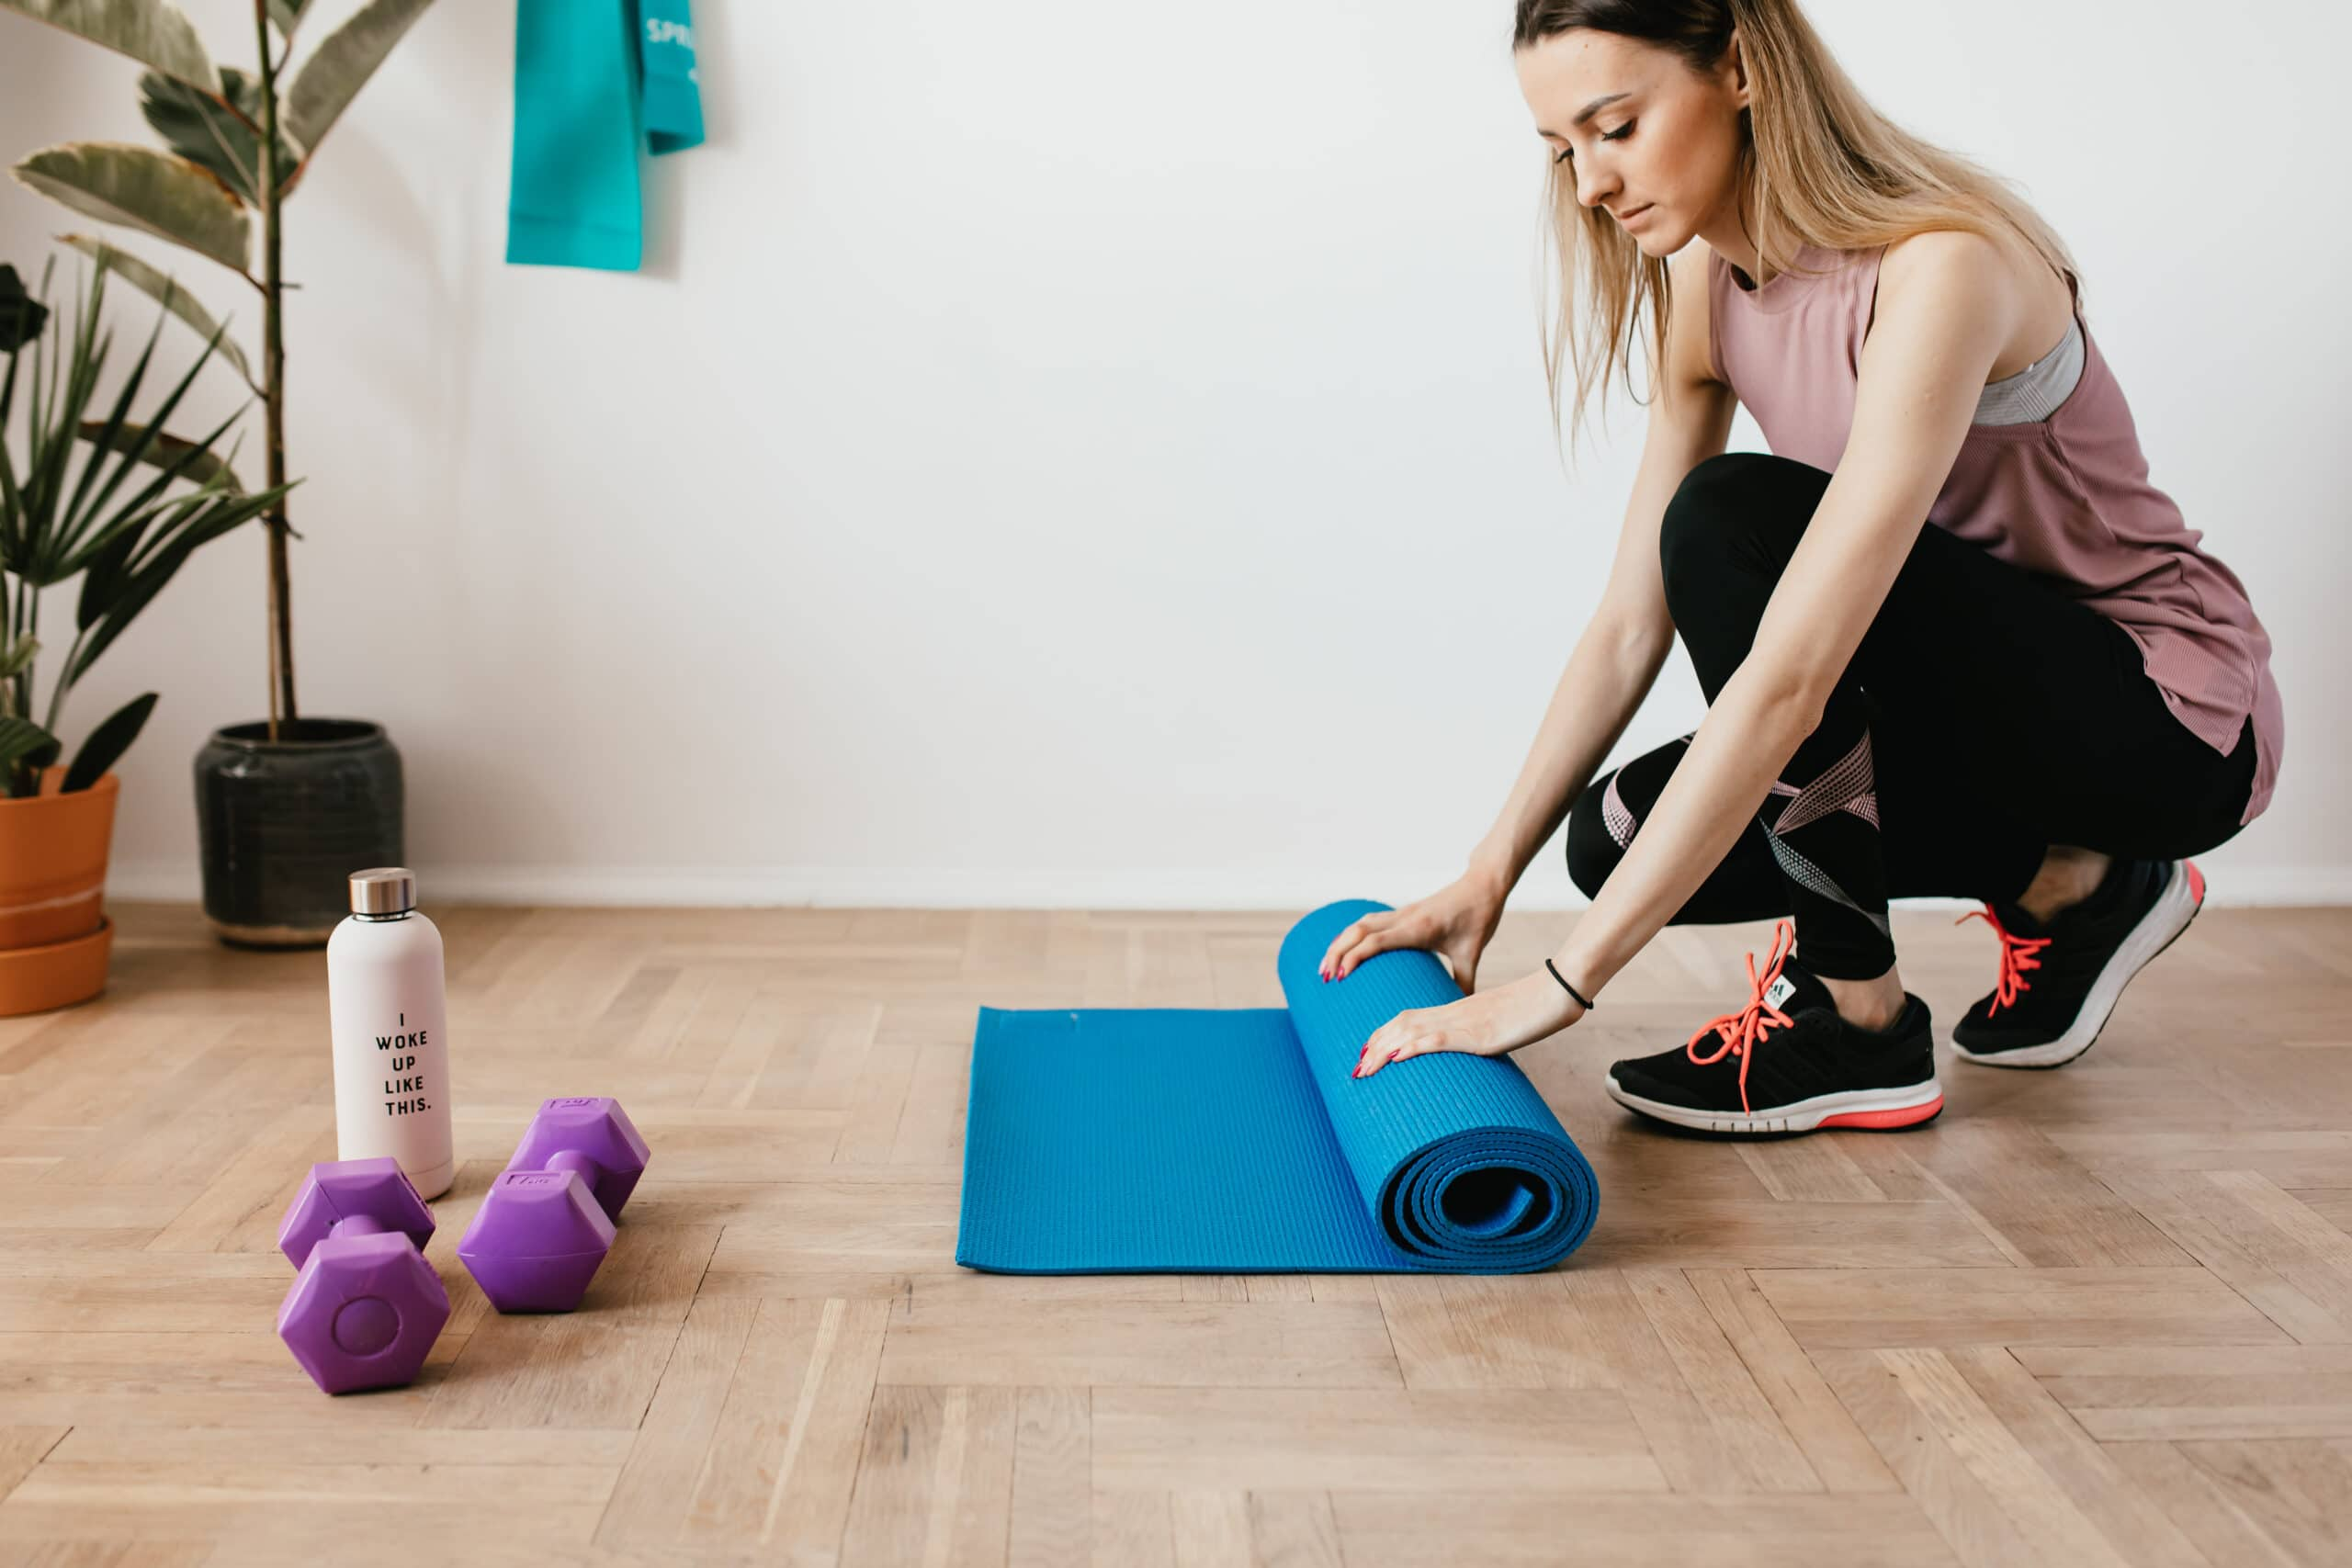 Las 3 rutinas de ejercicio que puedes hacer en casa